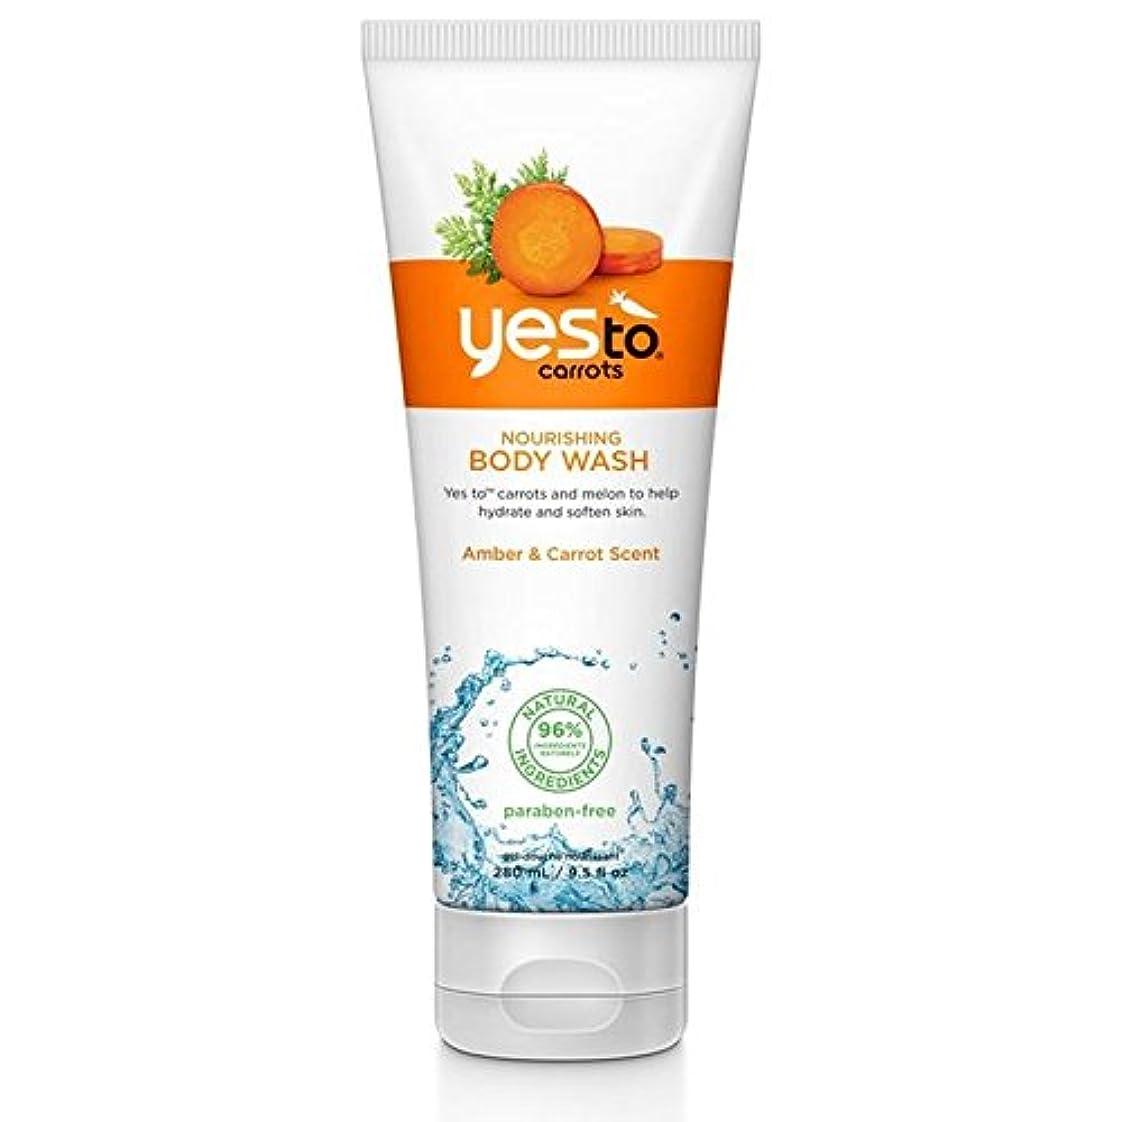 顧問シマウマ一瞬Yes To Carrots Nourishing Body Wash 280ml (Pack of 6) - はいボディウォッシュ280ミリリットル栄養ニンジンへ x6 [並行輸入品]